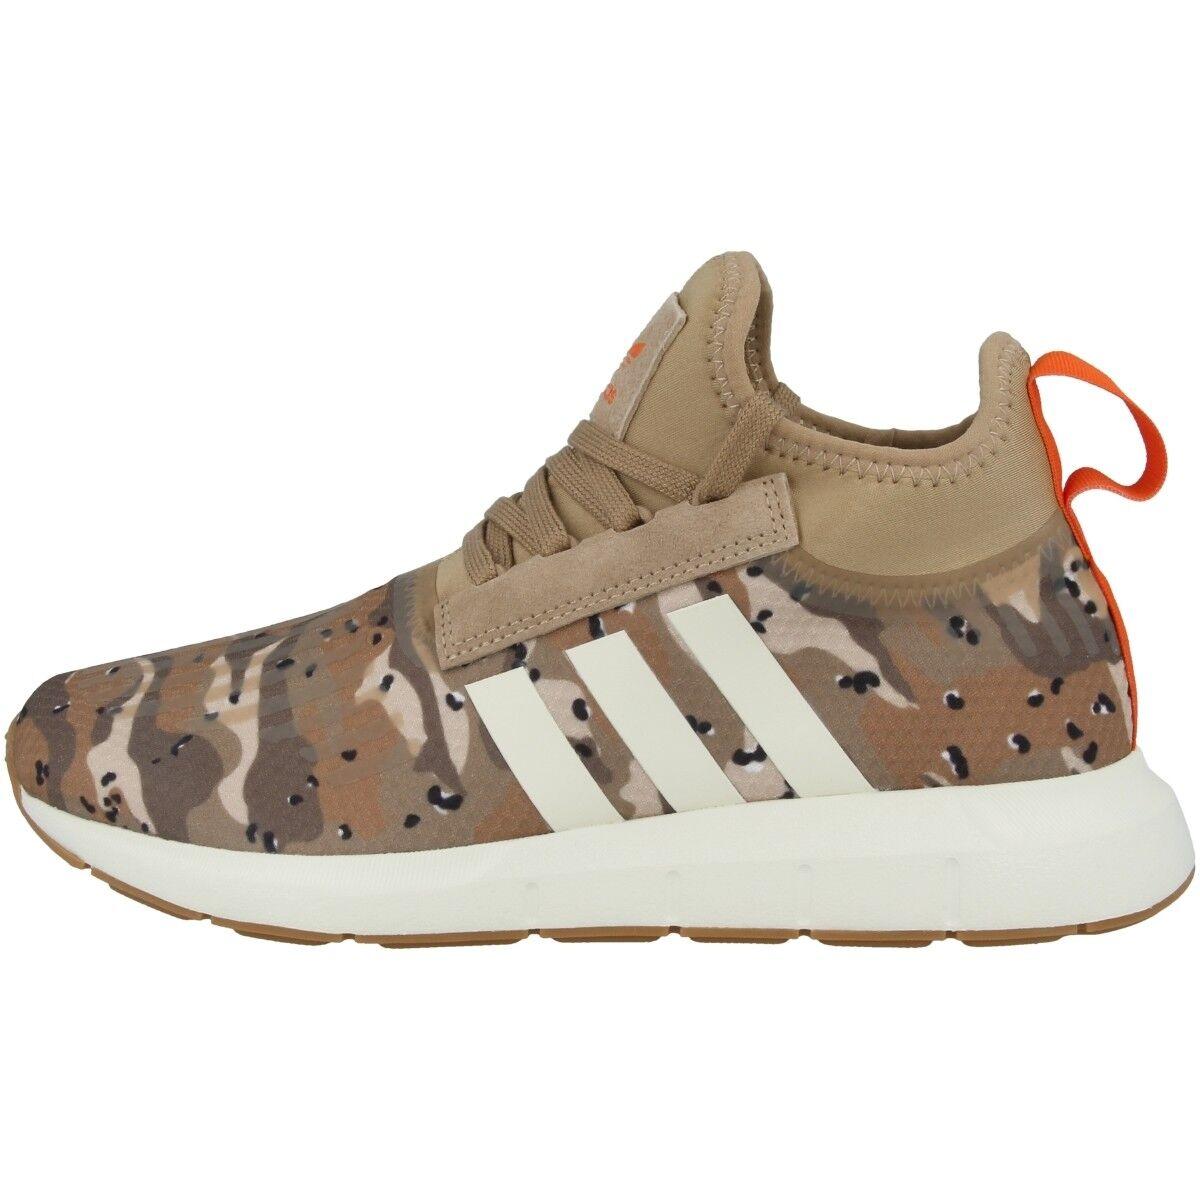 Adidas Swift Run Barrier Schuhe Schuhe Schuhe Men Freizeit Sneaker Laufschuhe cardboard B37702 2cc826